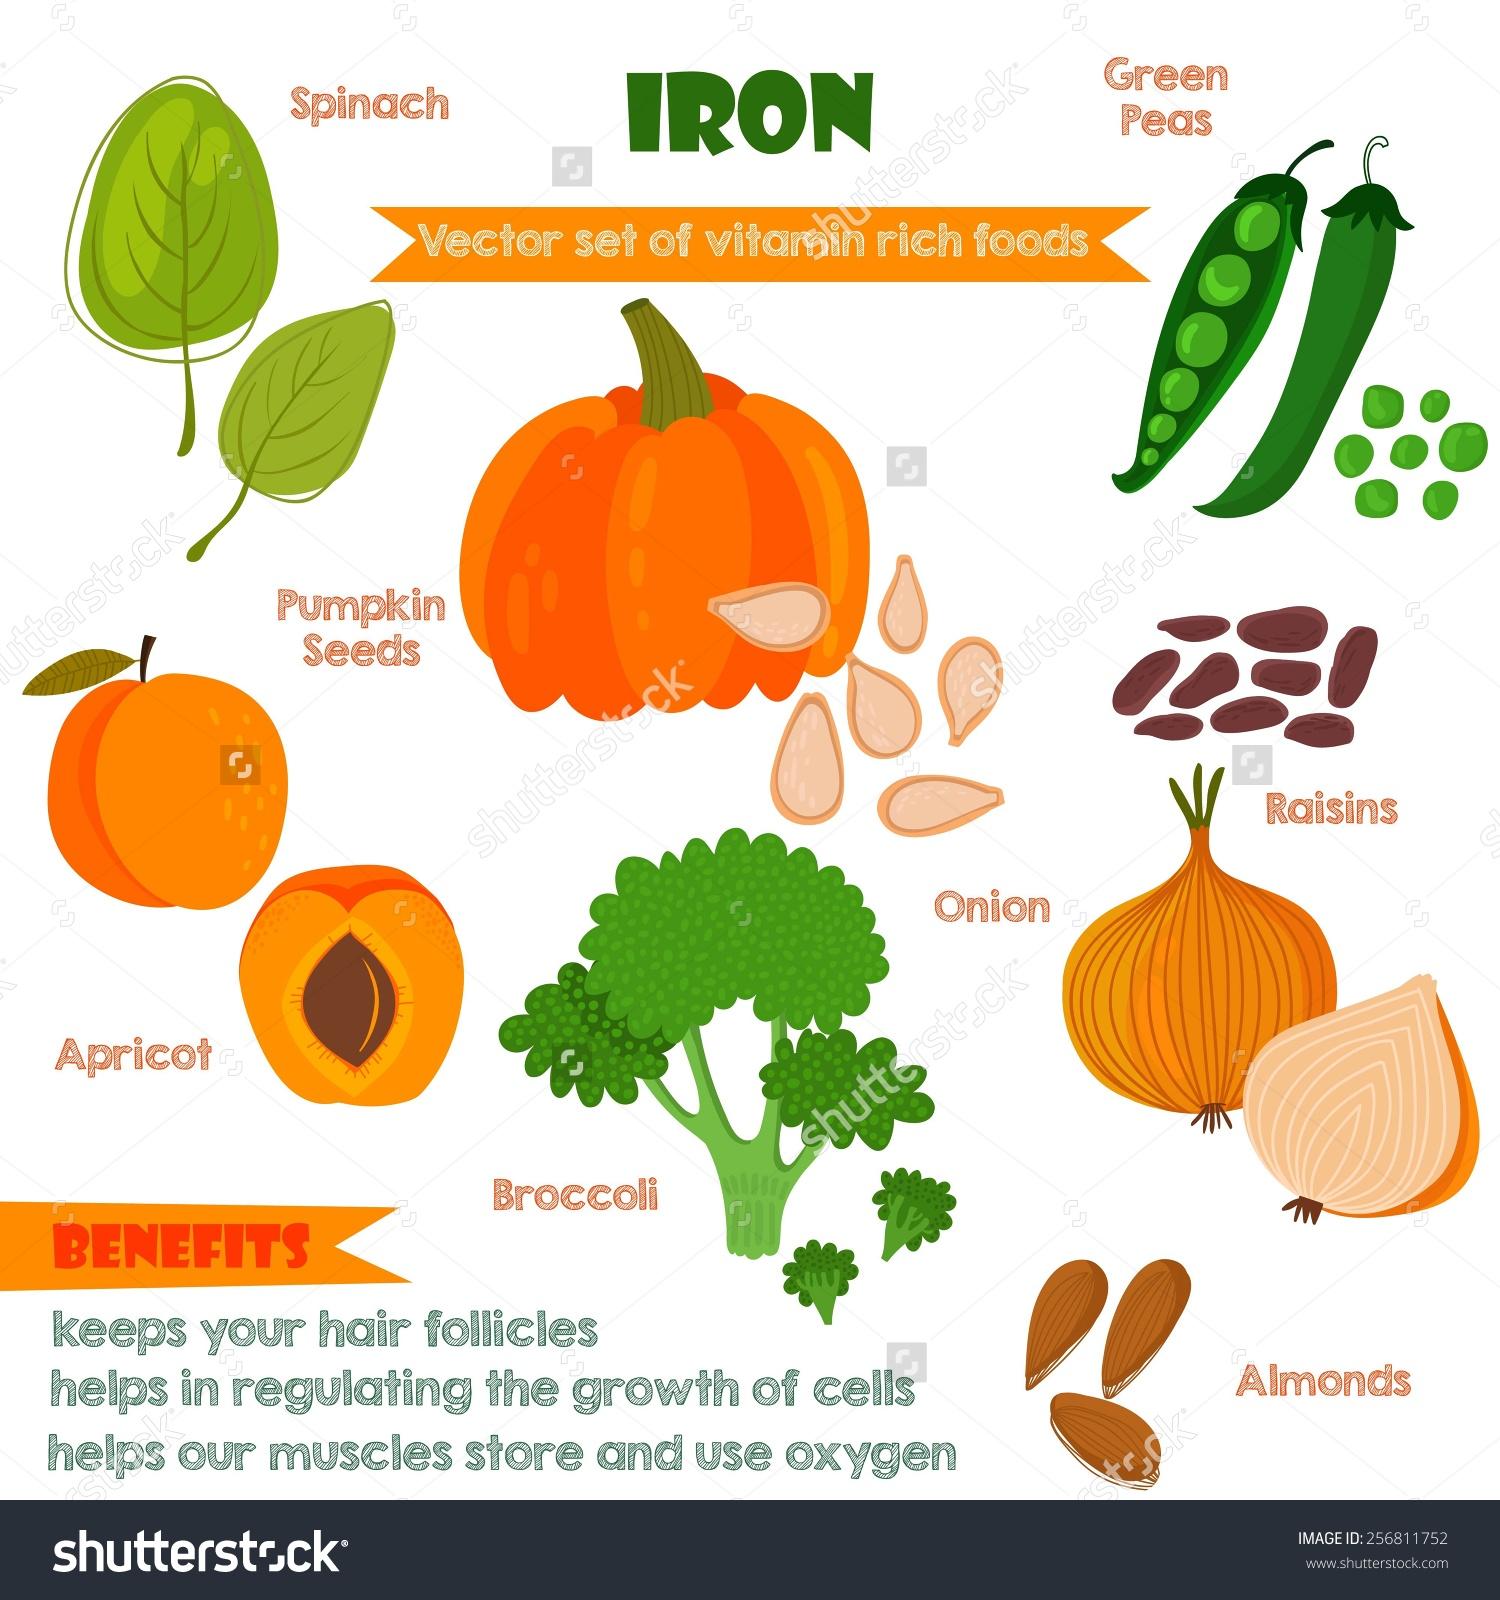 Iron.